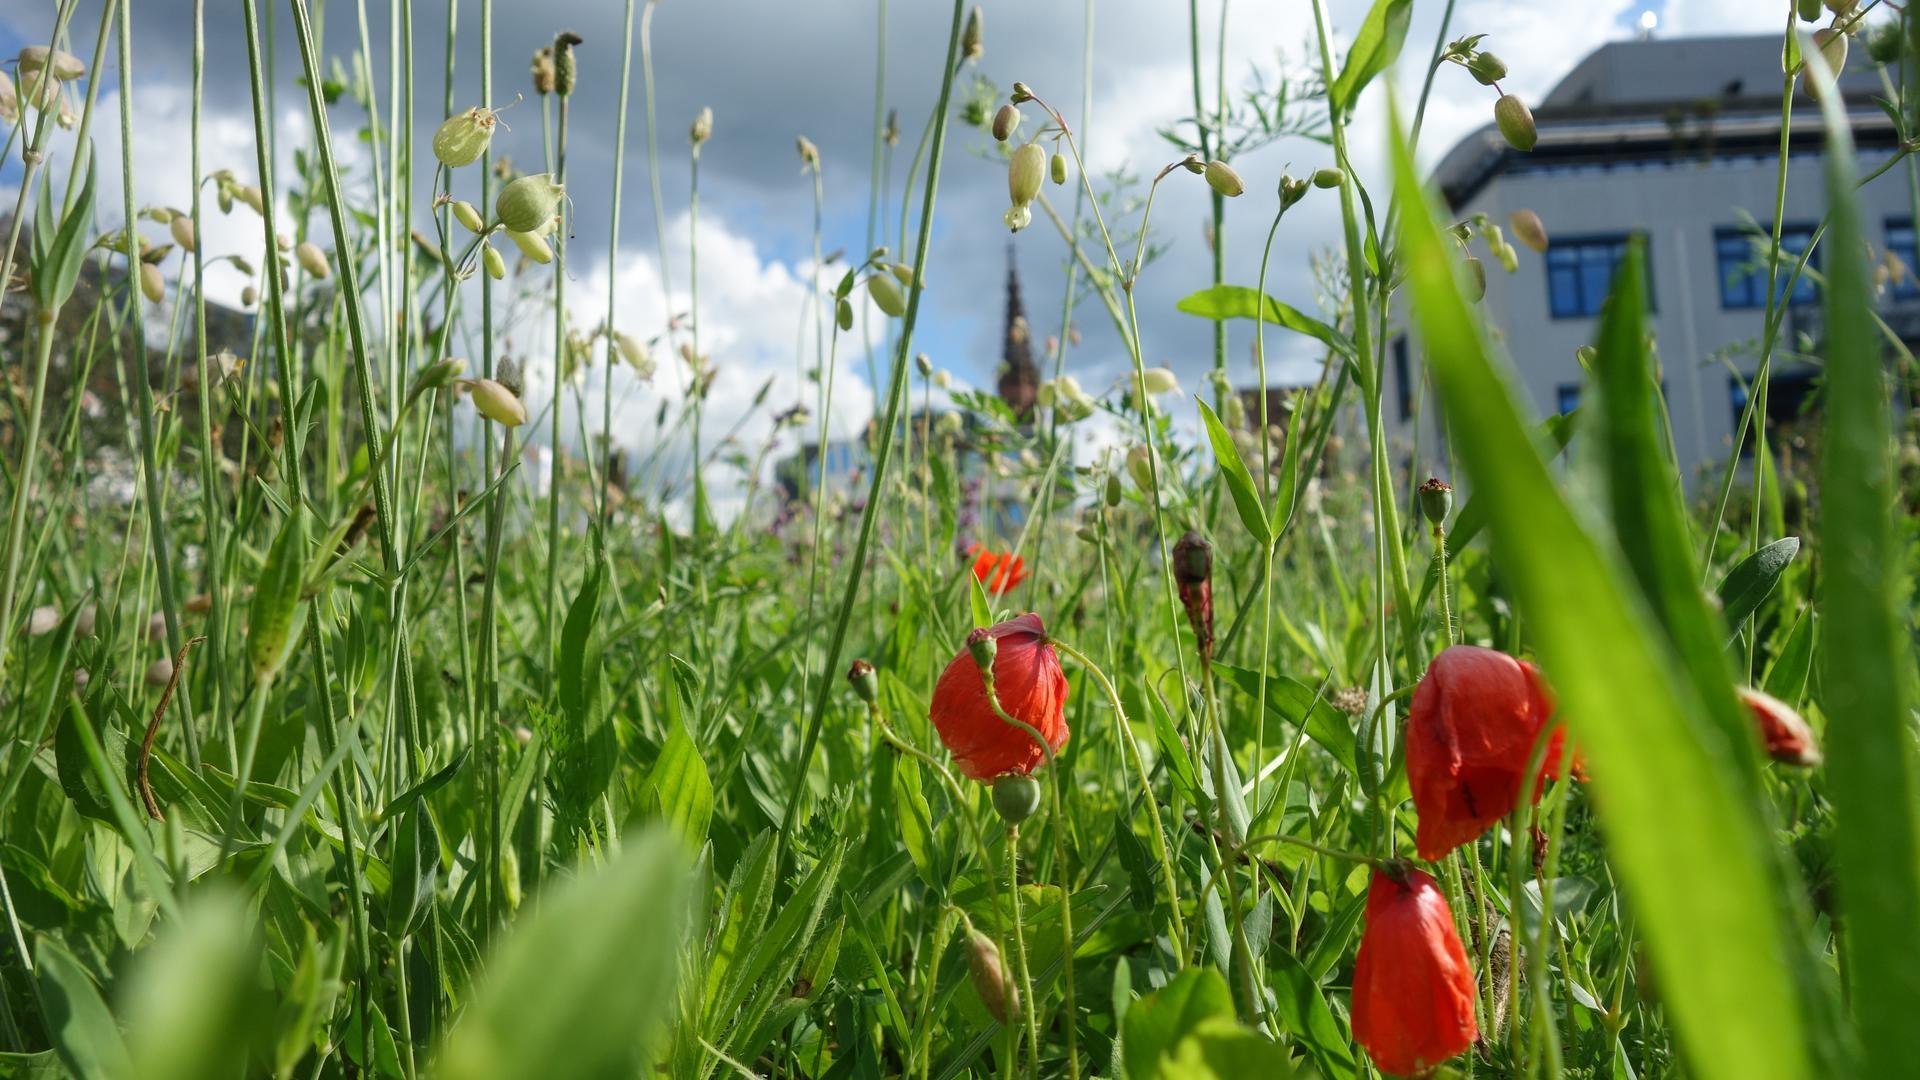 Wilde Innenstadt: In Sichtweite zum Bühler Kirchtum gibt es mitten in der Innenstadt eine reich blühende Blumenwiese als Refugium für viele Insekten.